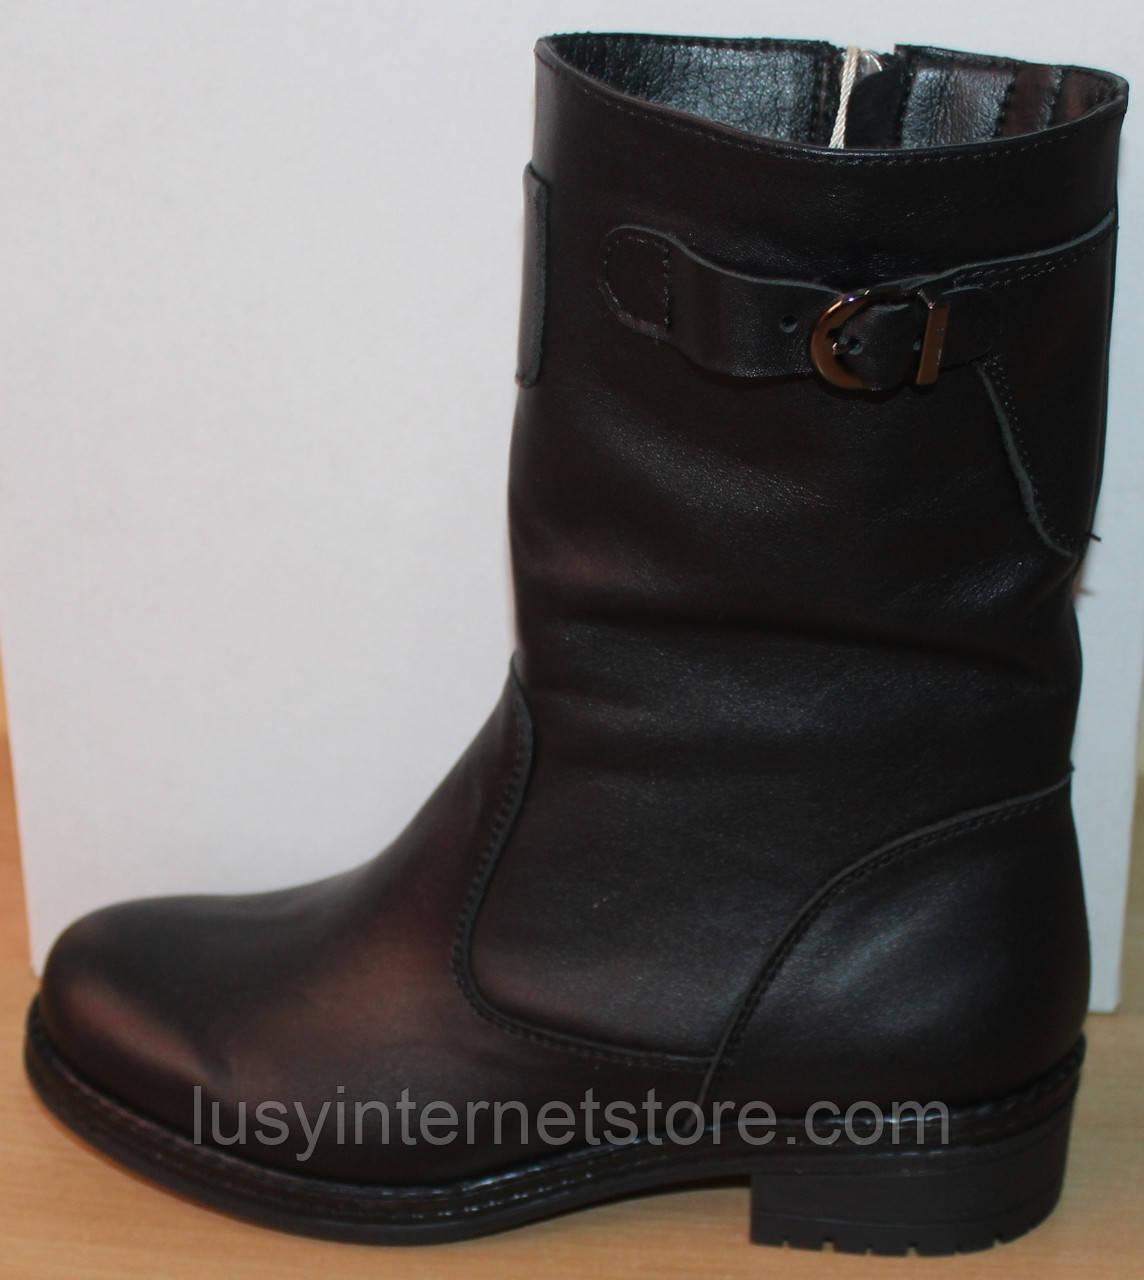 Сапоги зимние кожаные женские на широкую ногу от производителя модель СА247